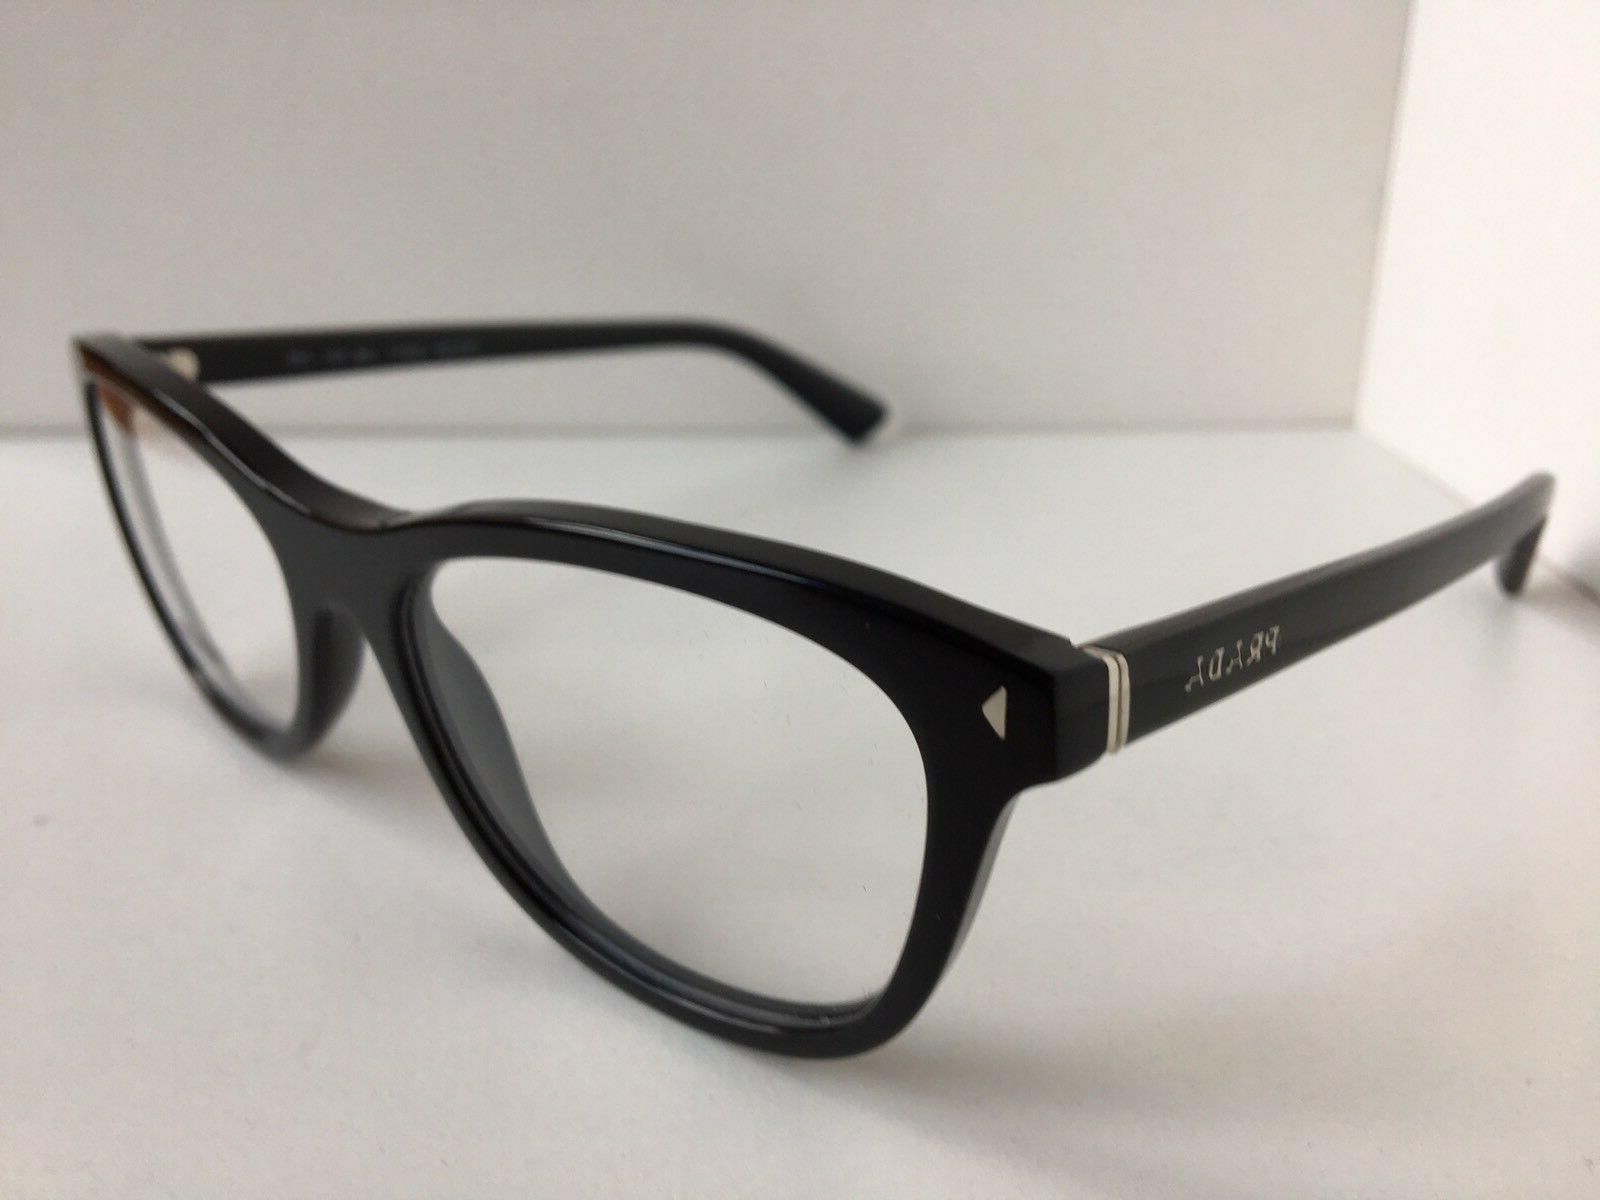 New PRADA Eyeglasses #5